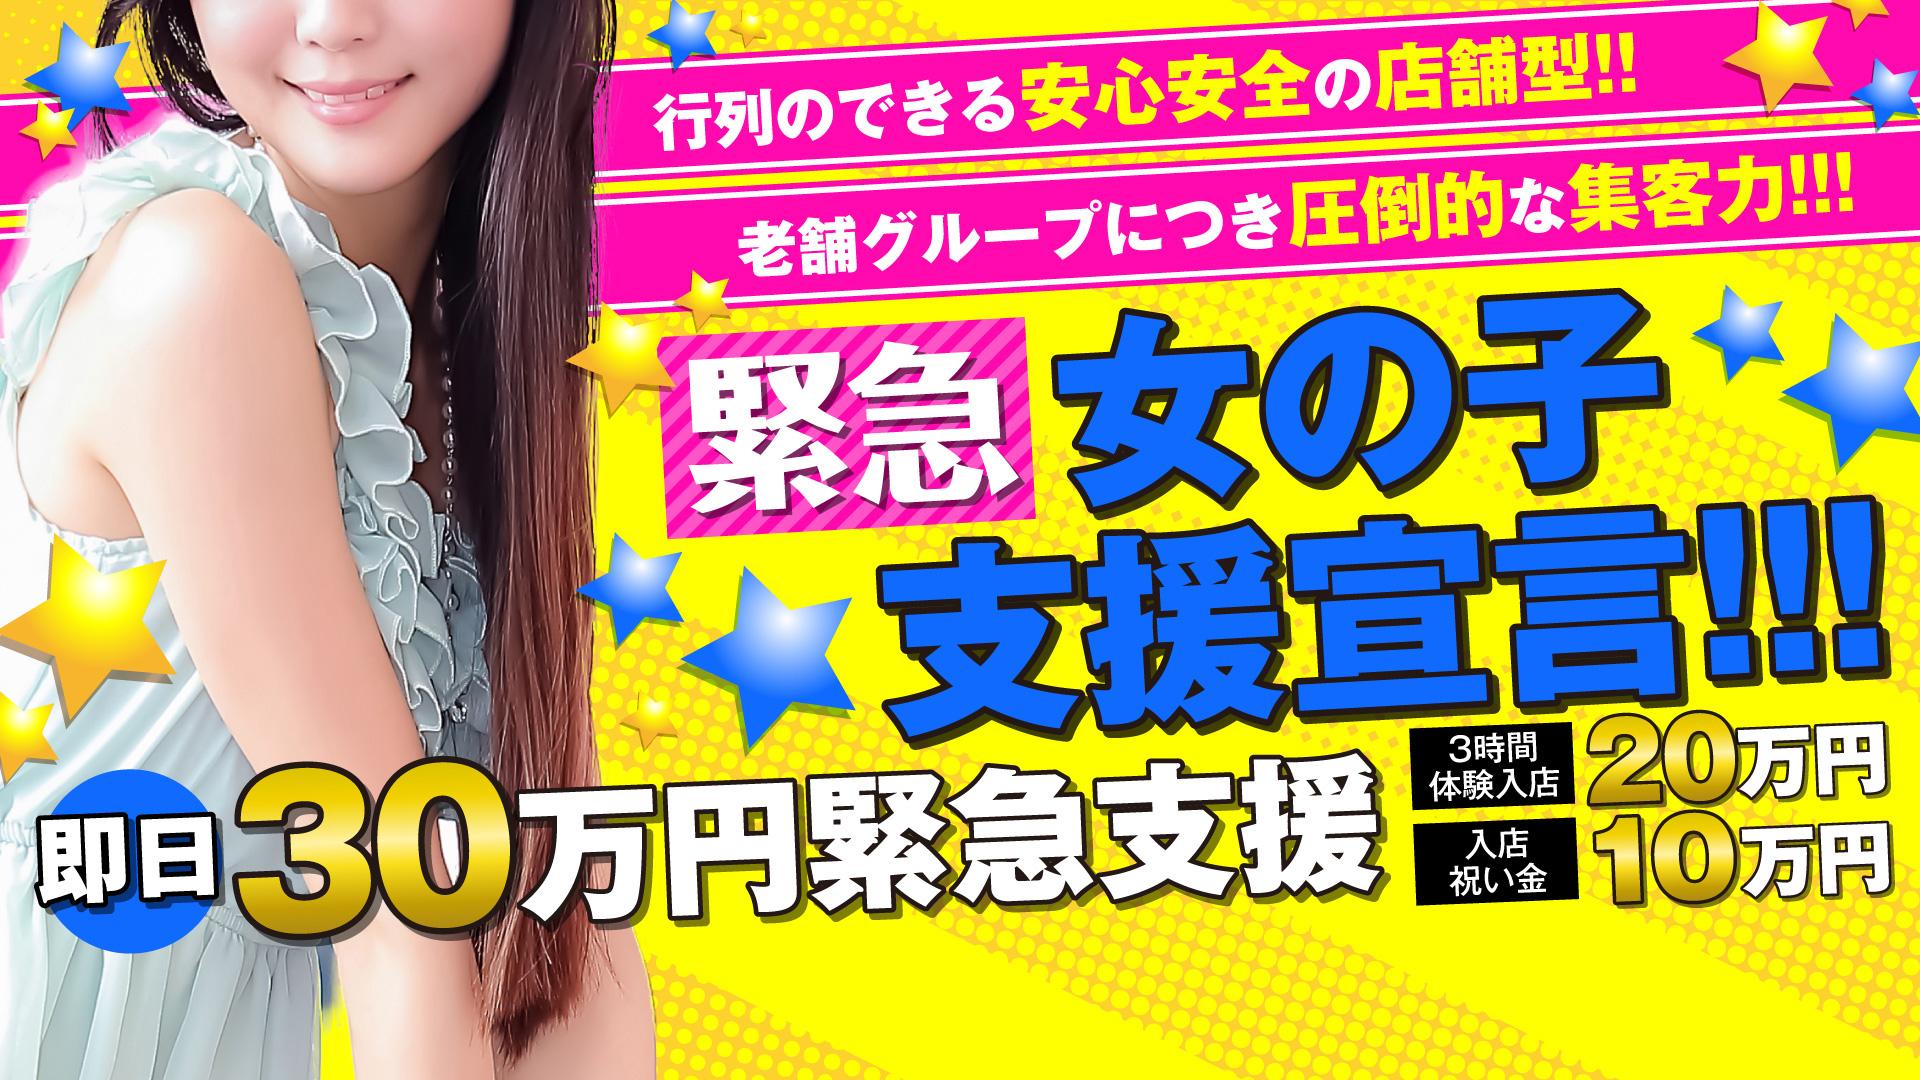 ミスコレ横浜の求人画像